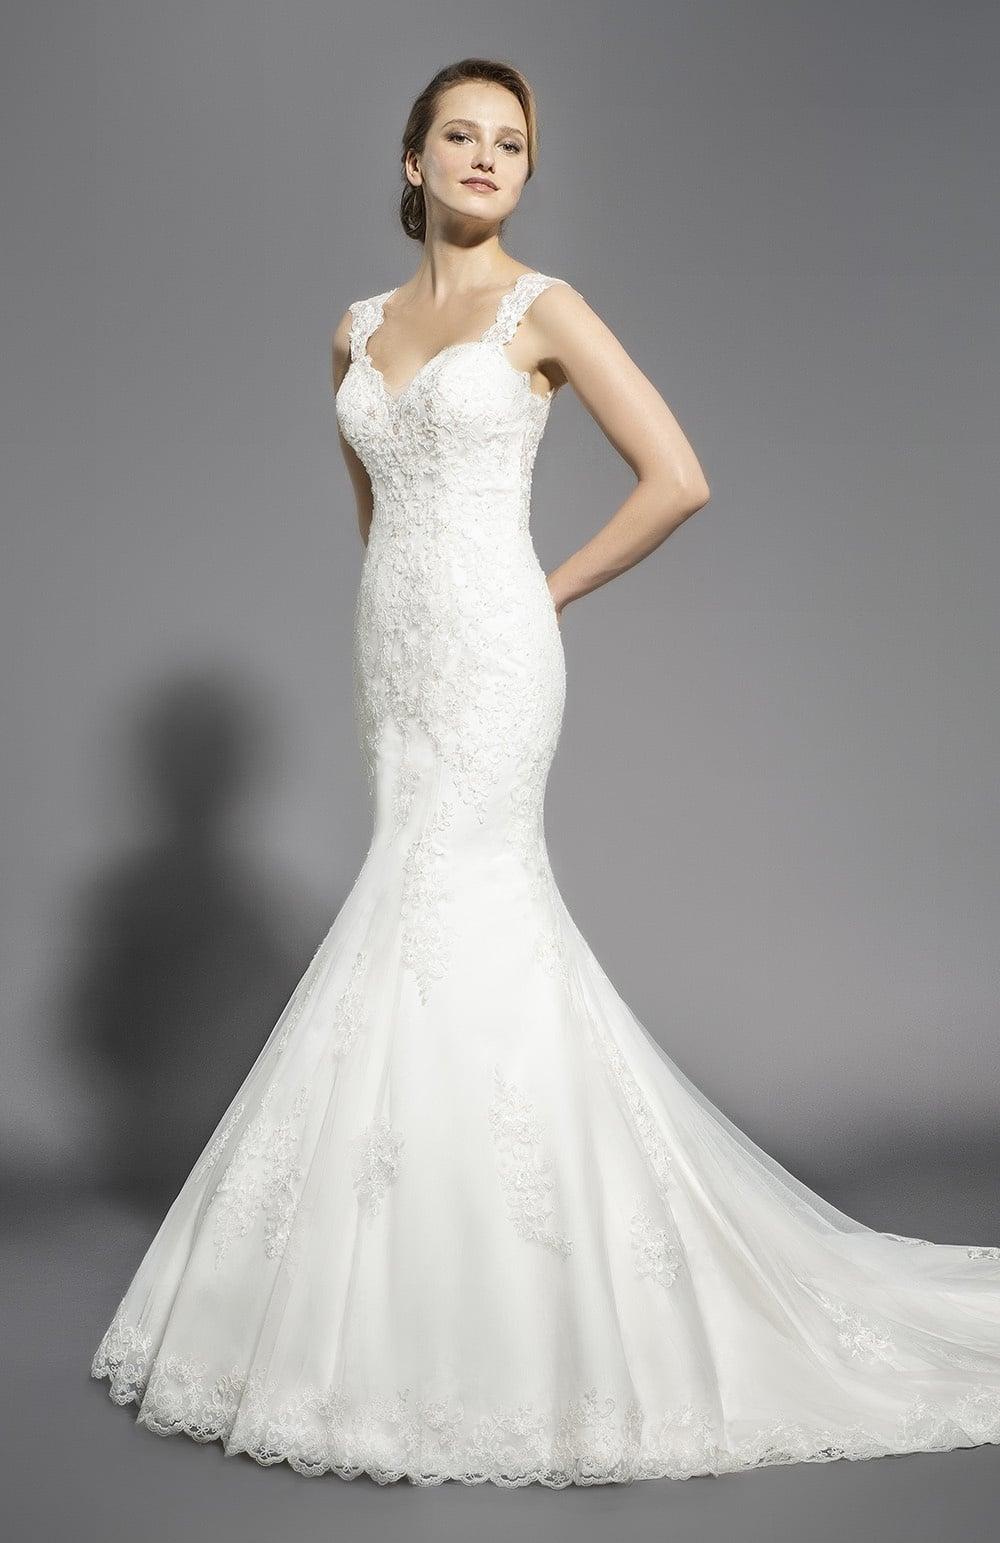 Robe de mariée Modèle Maden